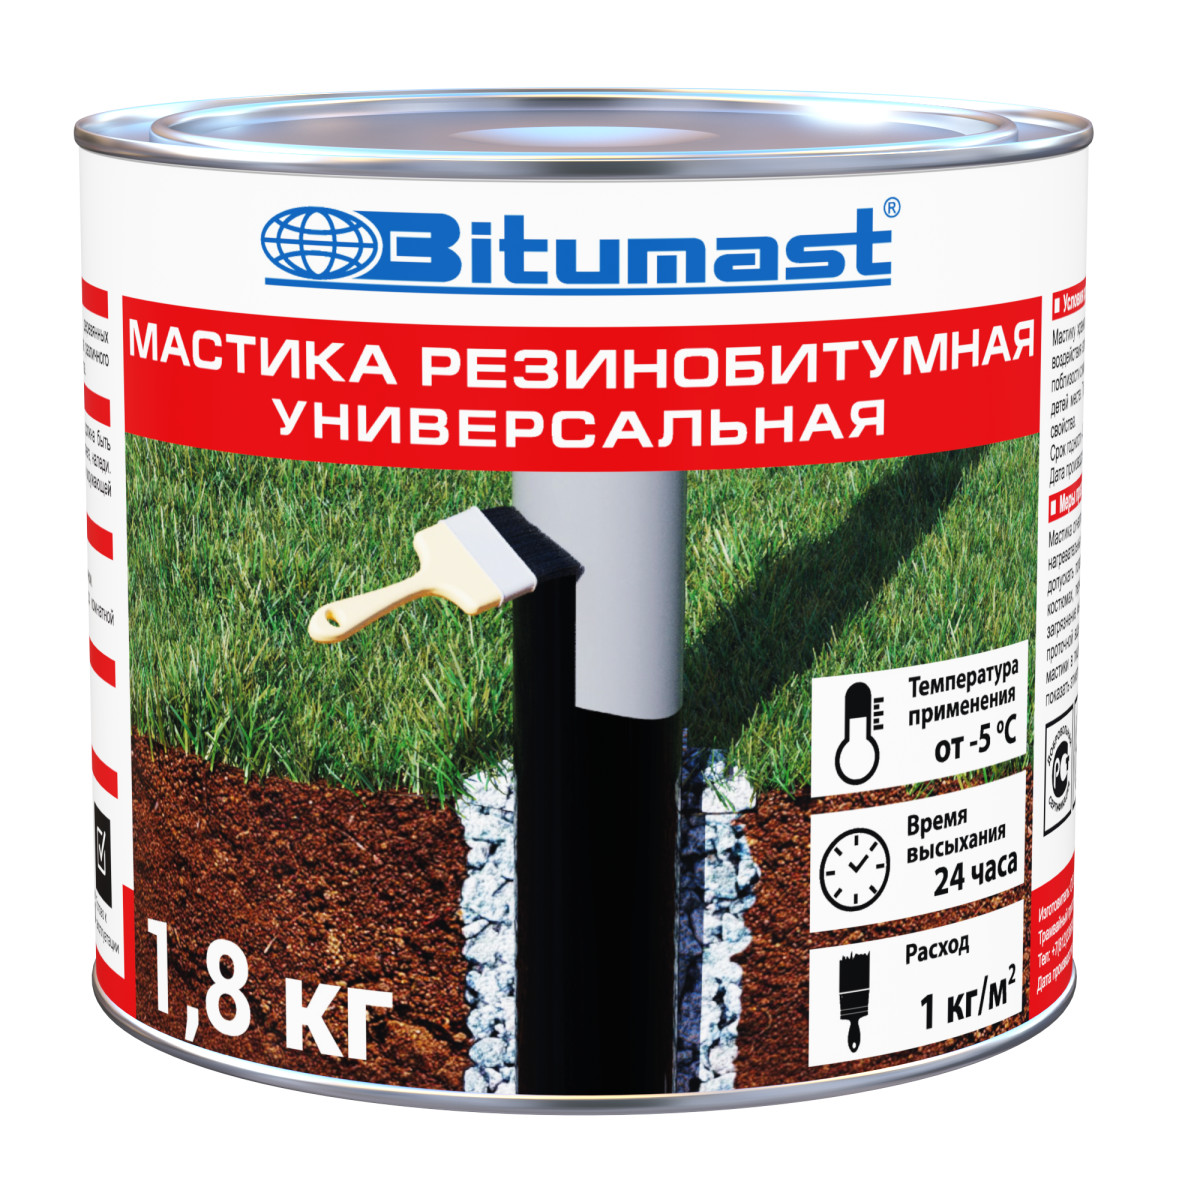 Мастика битумно-резиновая универсальная 1.8 кг